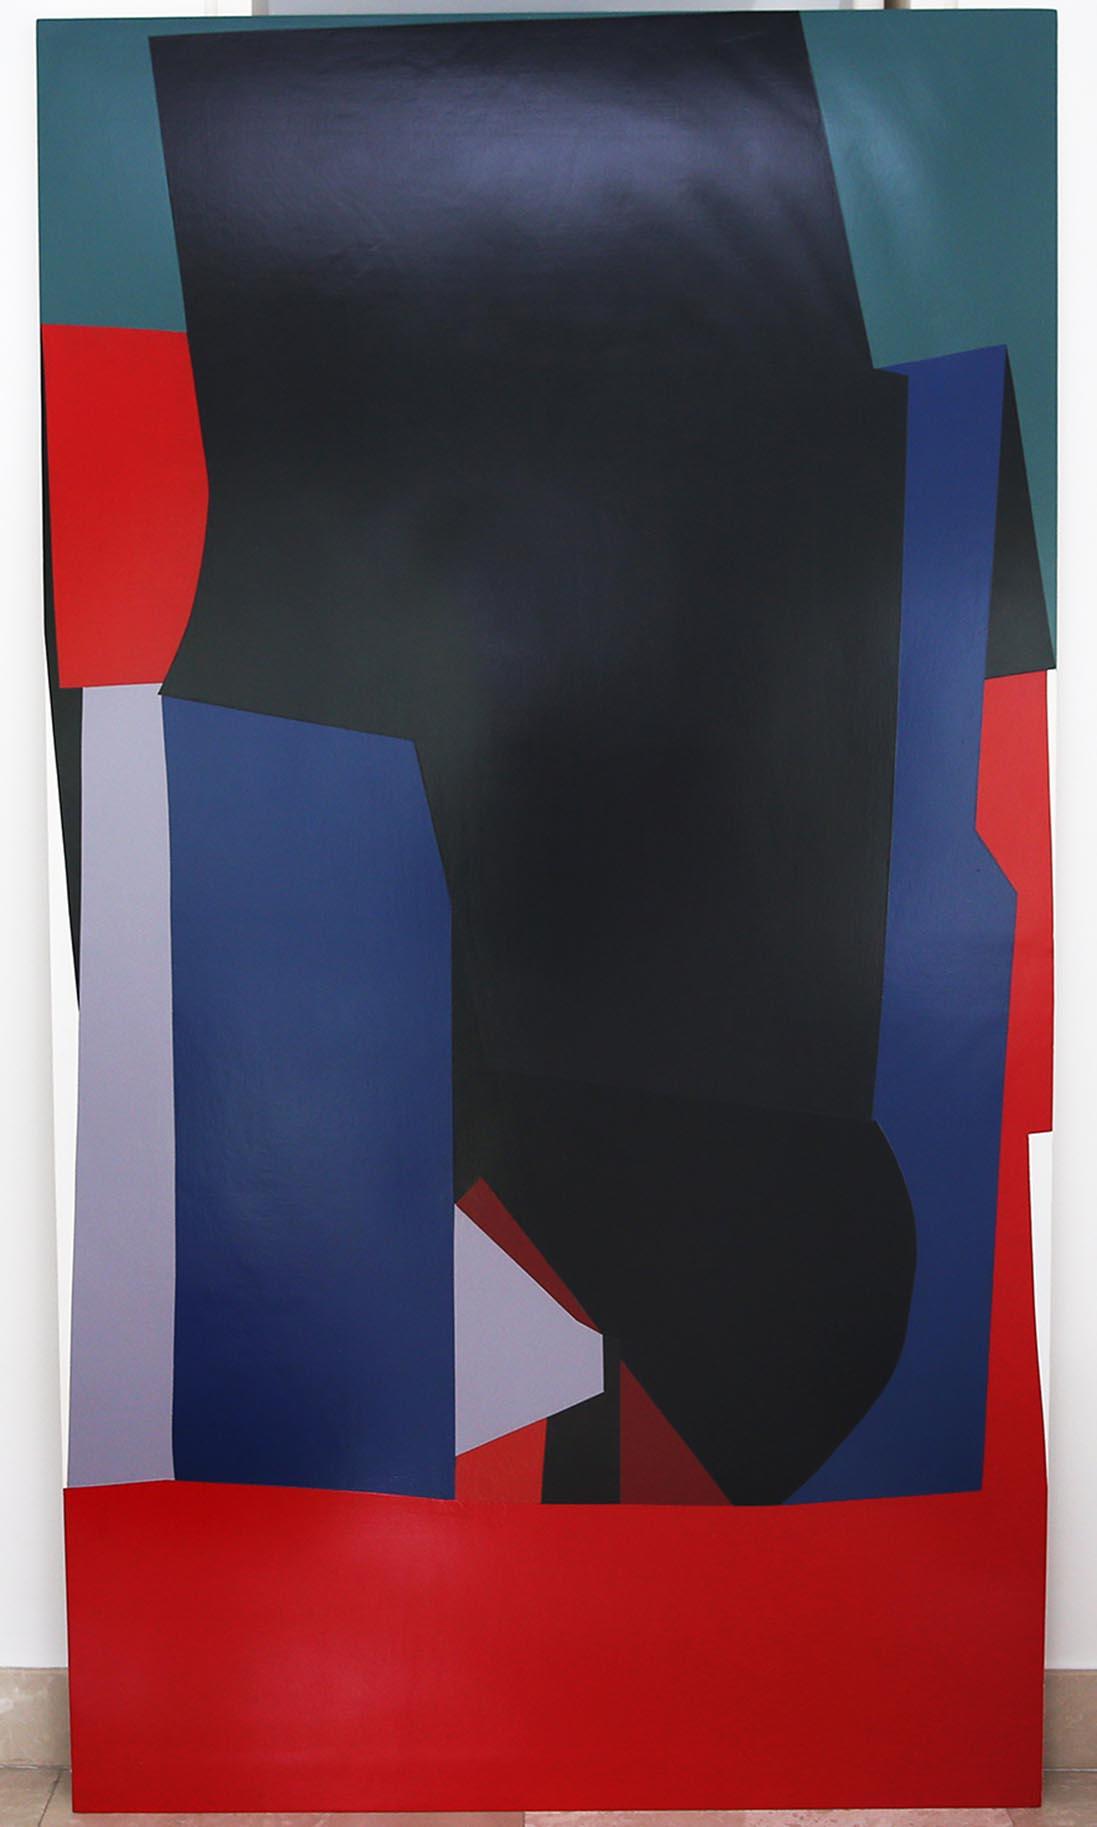 Mercedes Pardo. Estos espacios sin nombre, 1973